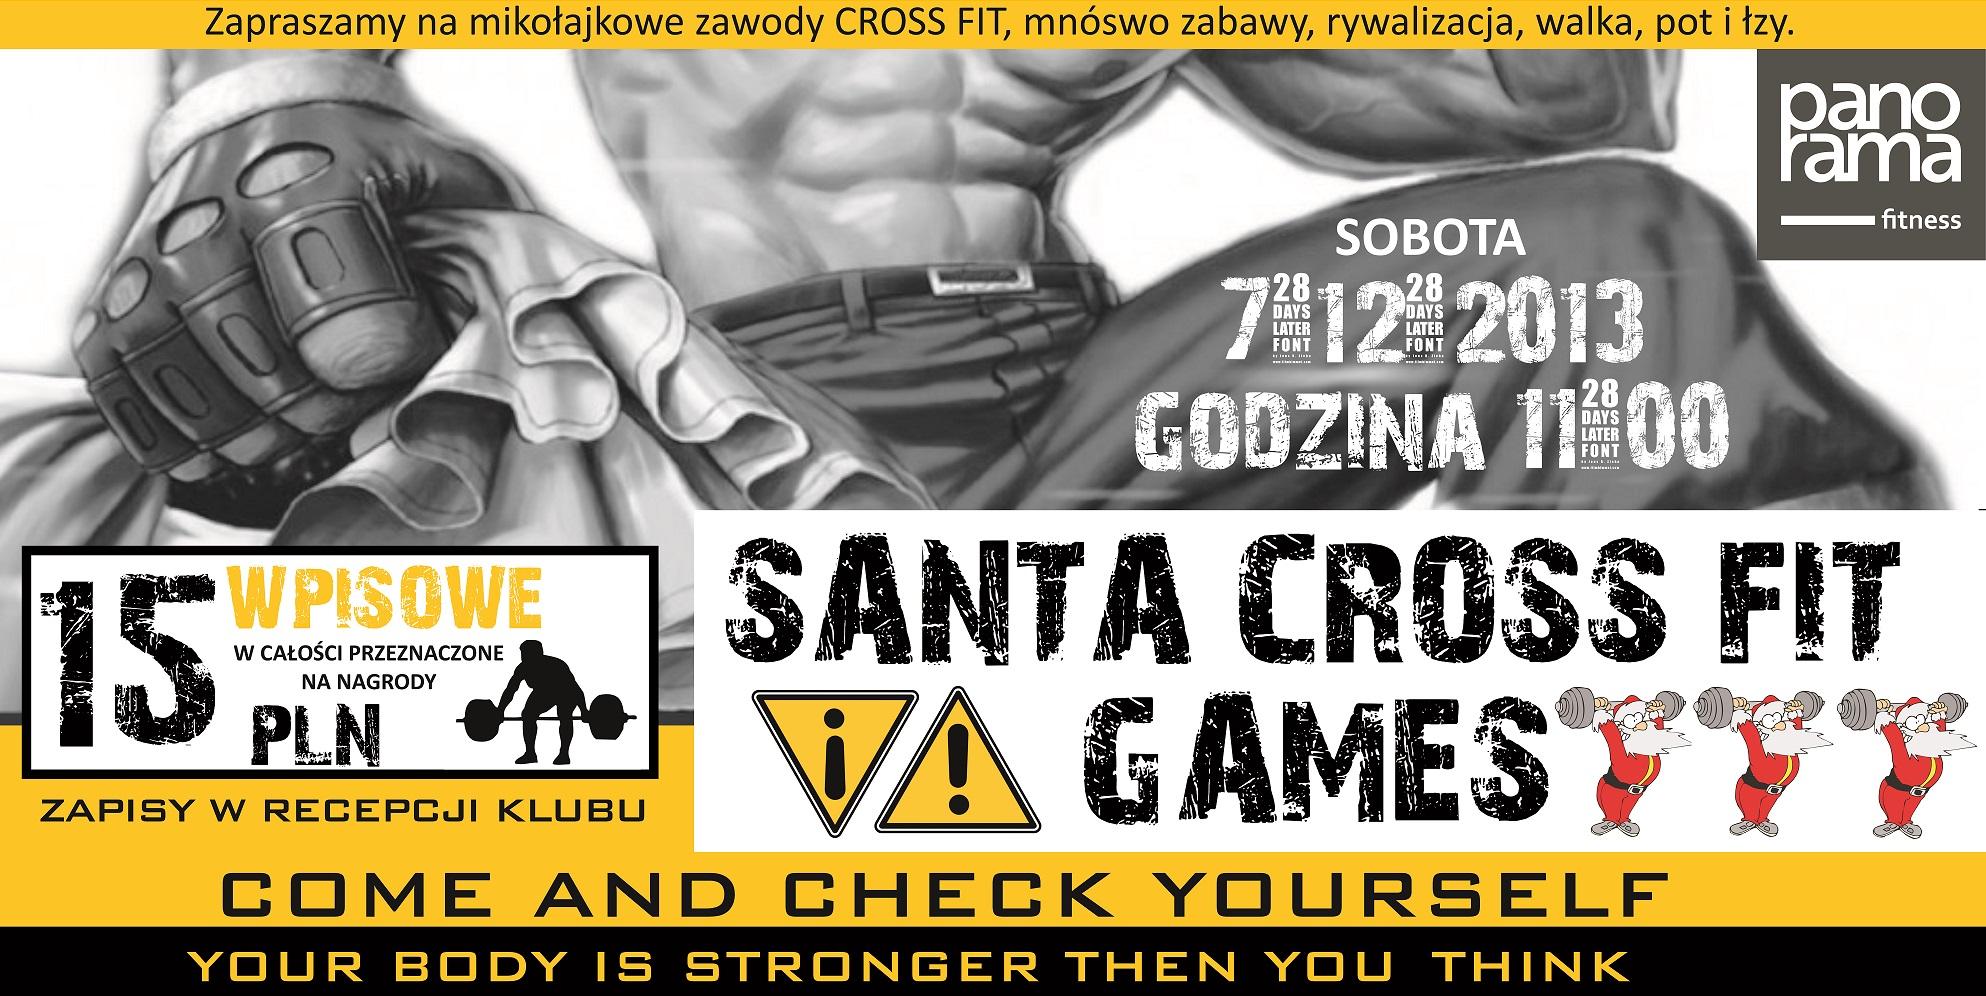 www_CrossFit